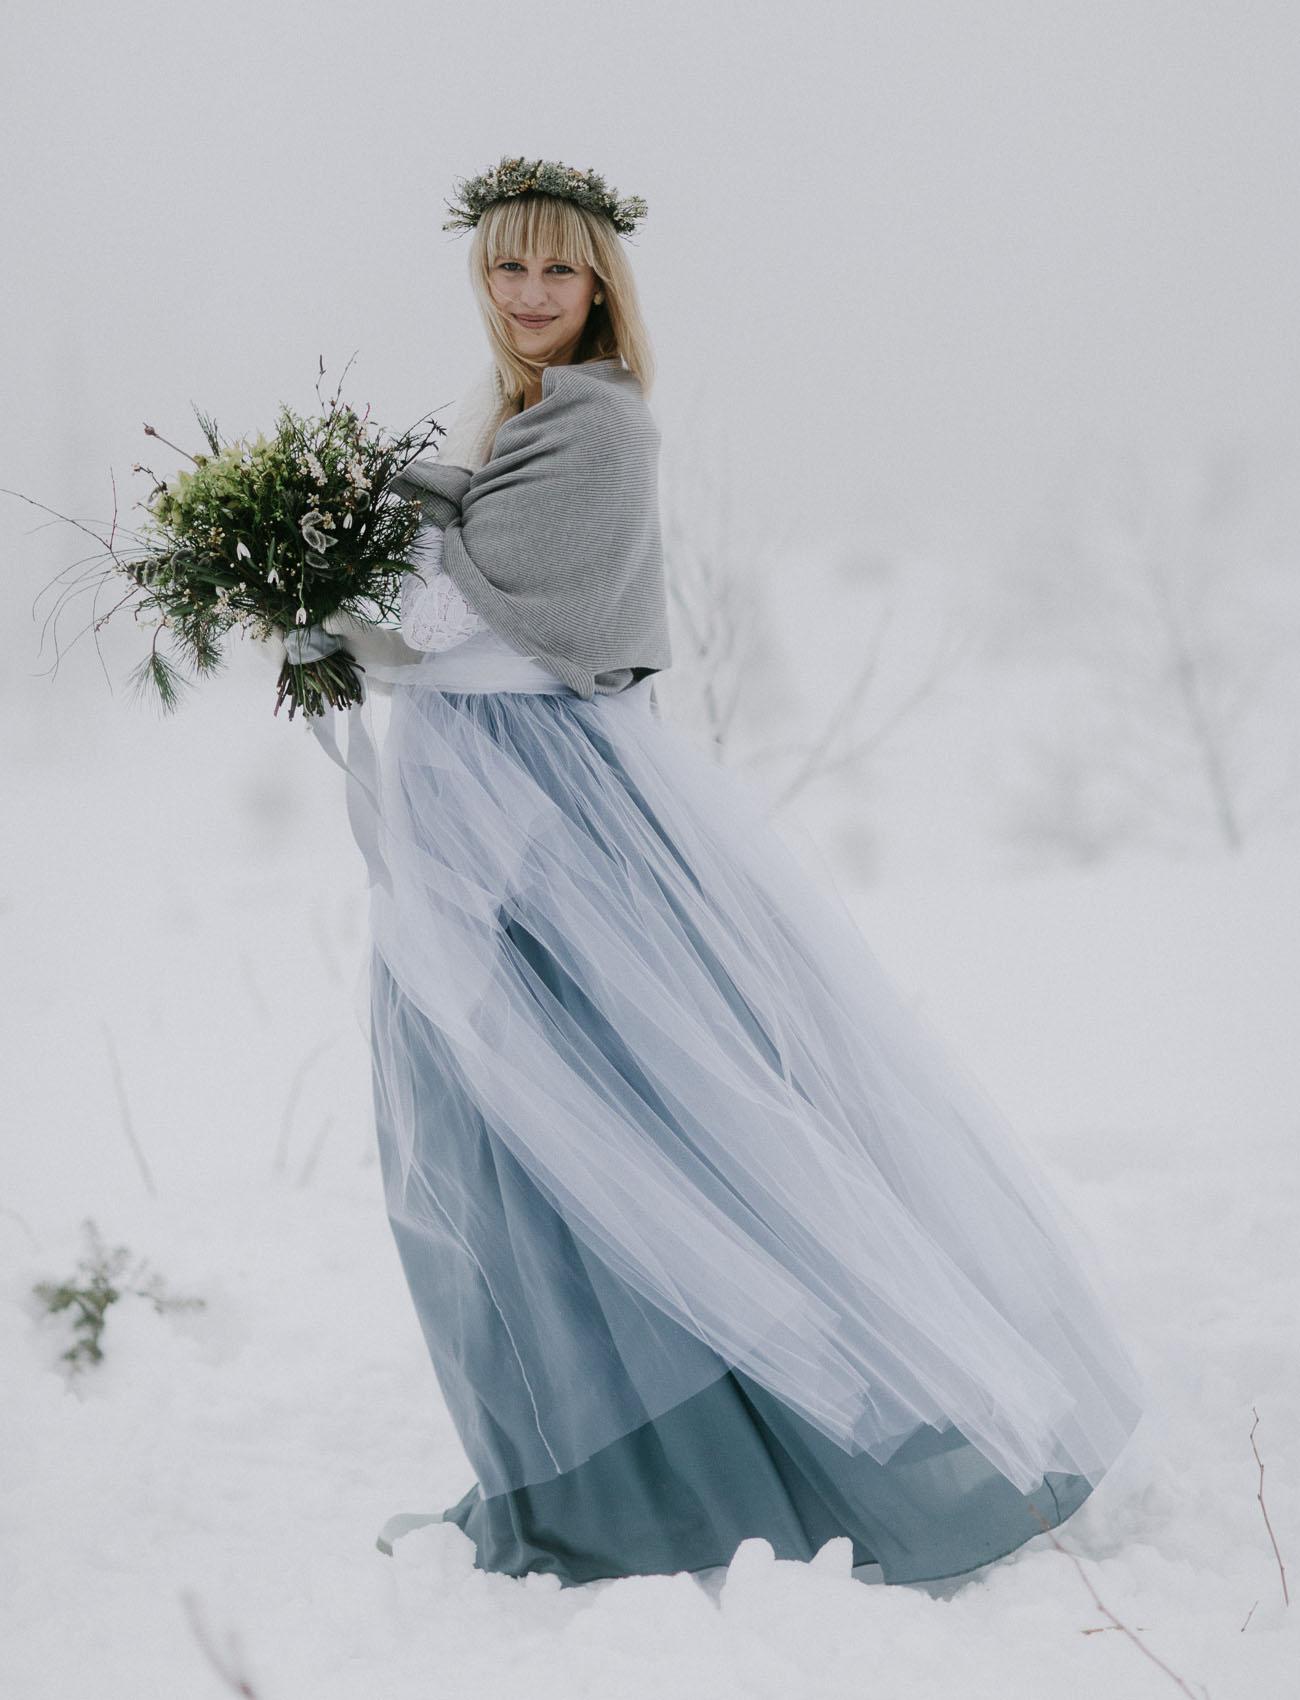 winter tulle skirt bride